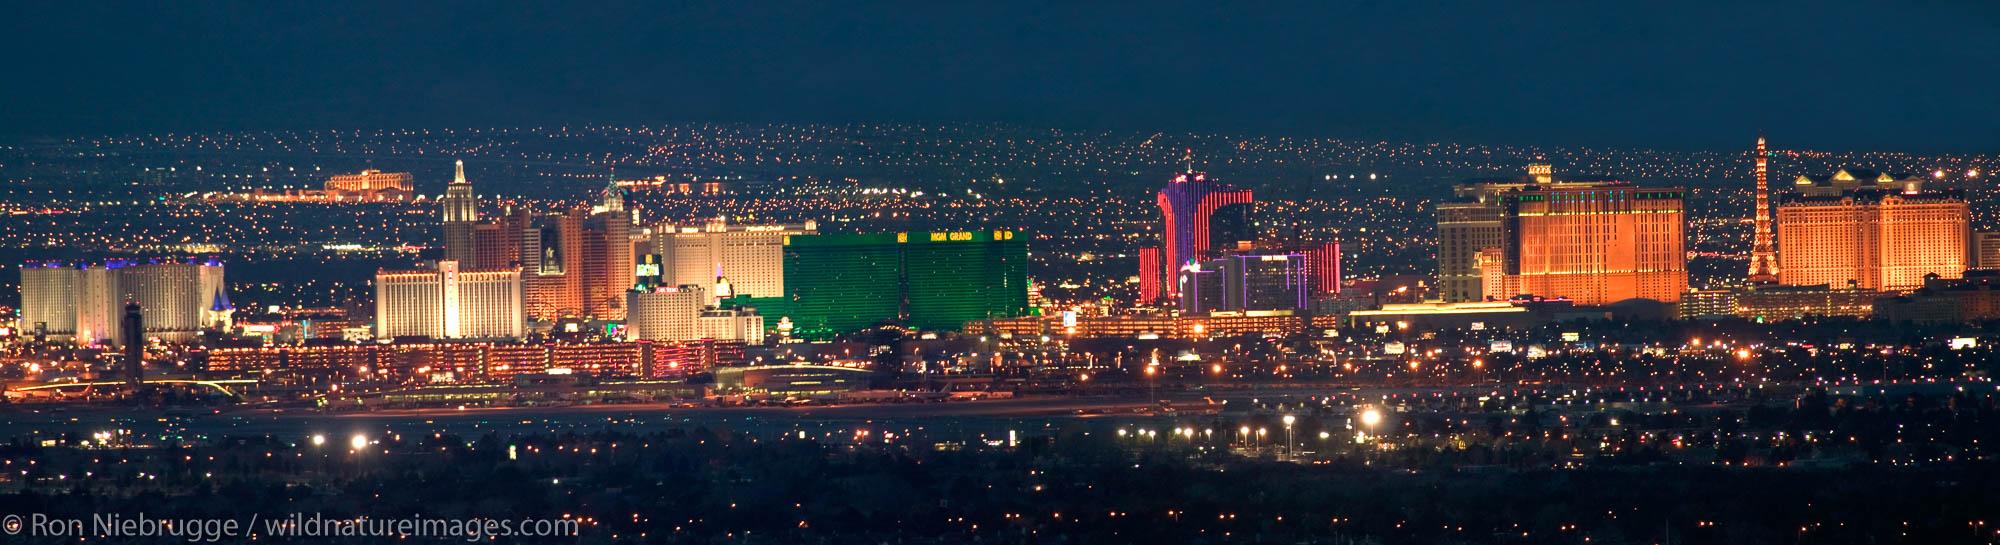 Panoramic of Las Vegas Strip at night.  Las Vegas, Nevada.